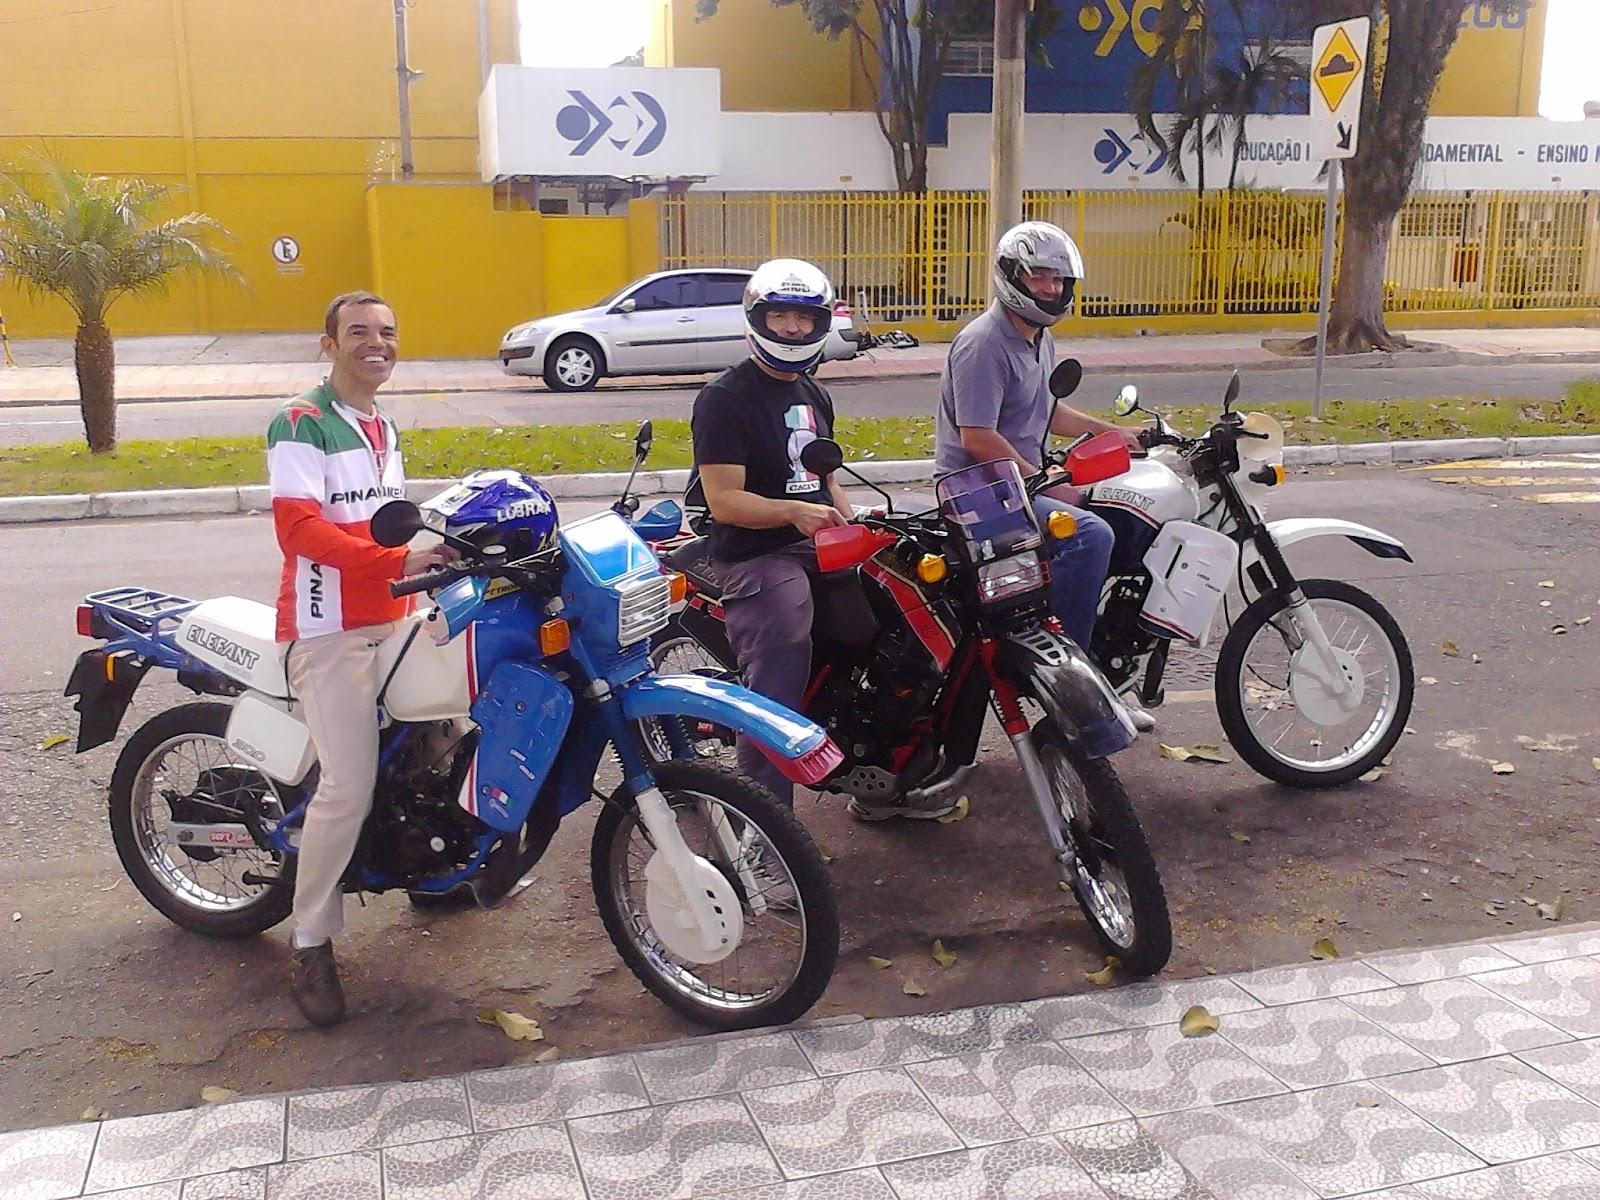 Giancarlo na Dakar 30.0 e seus amigos 07b4132a4aac9